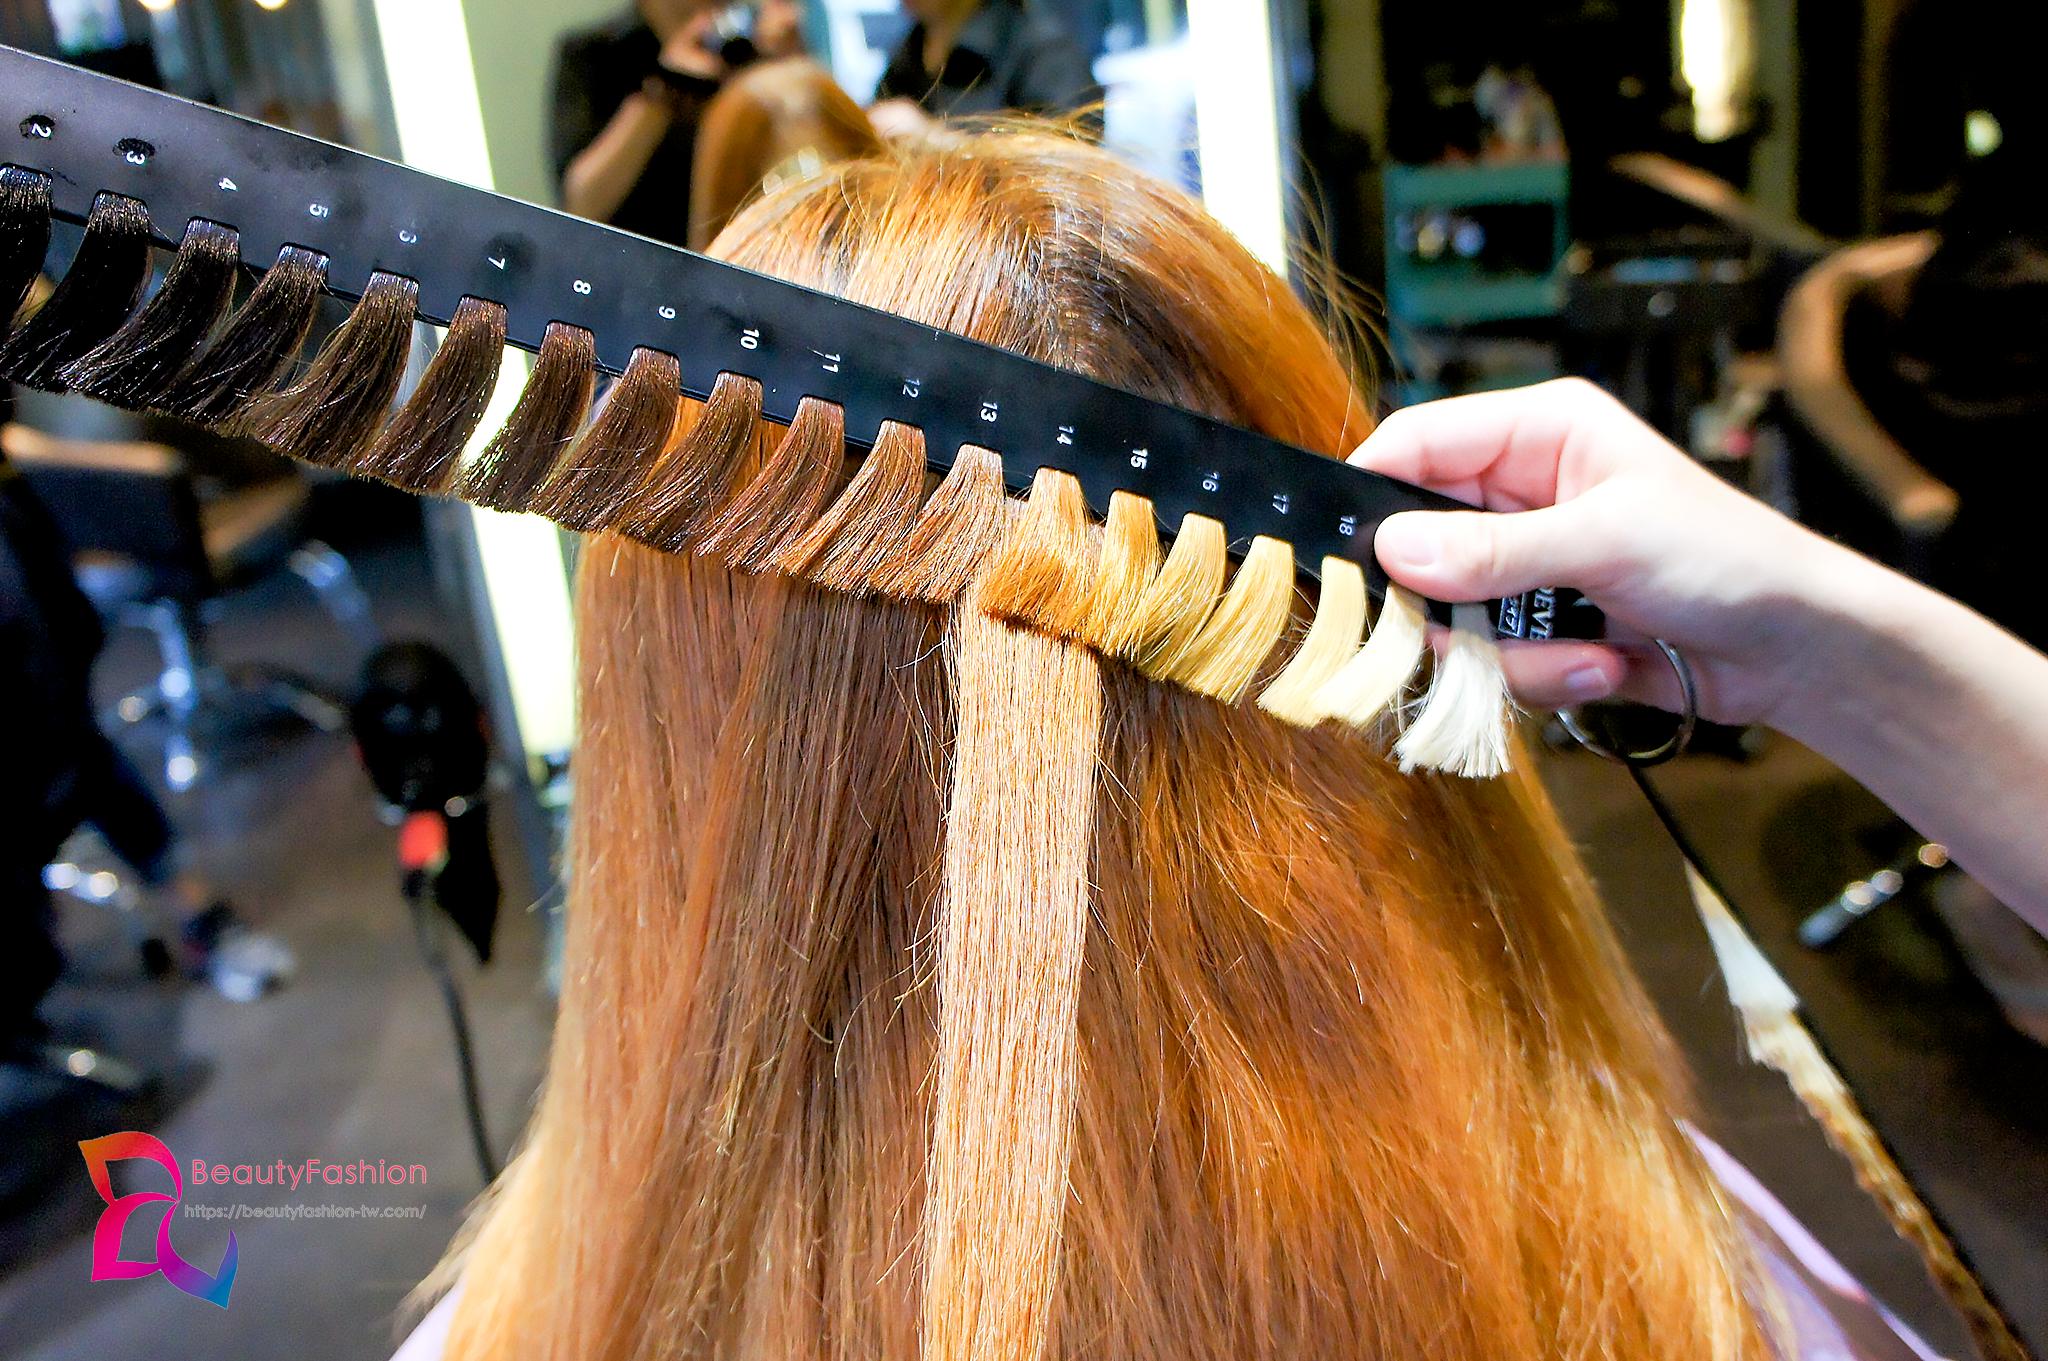 台中染髮、夏森髮型、染髮推薦、霧面染、霧透染、台中美髮